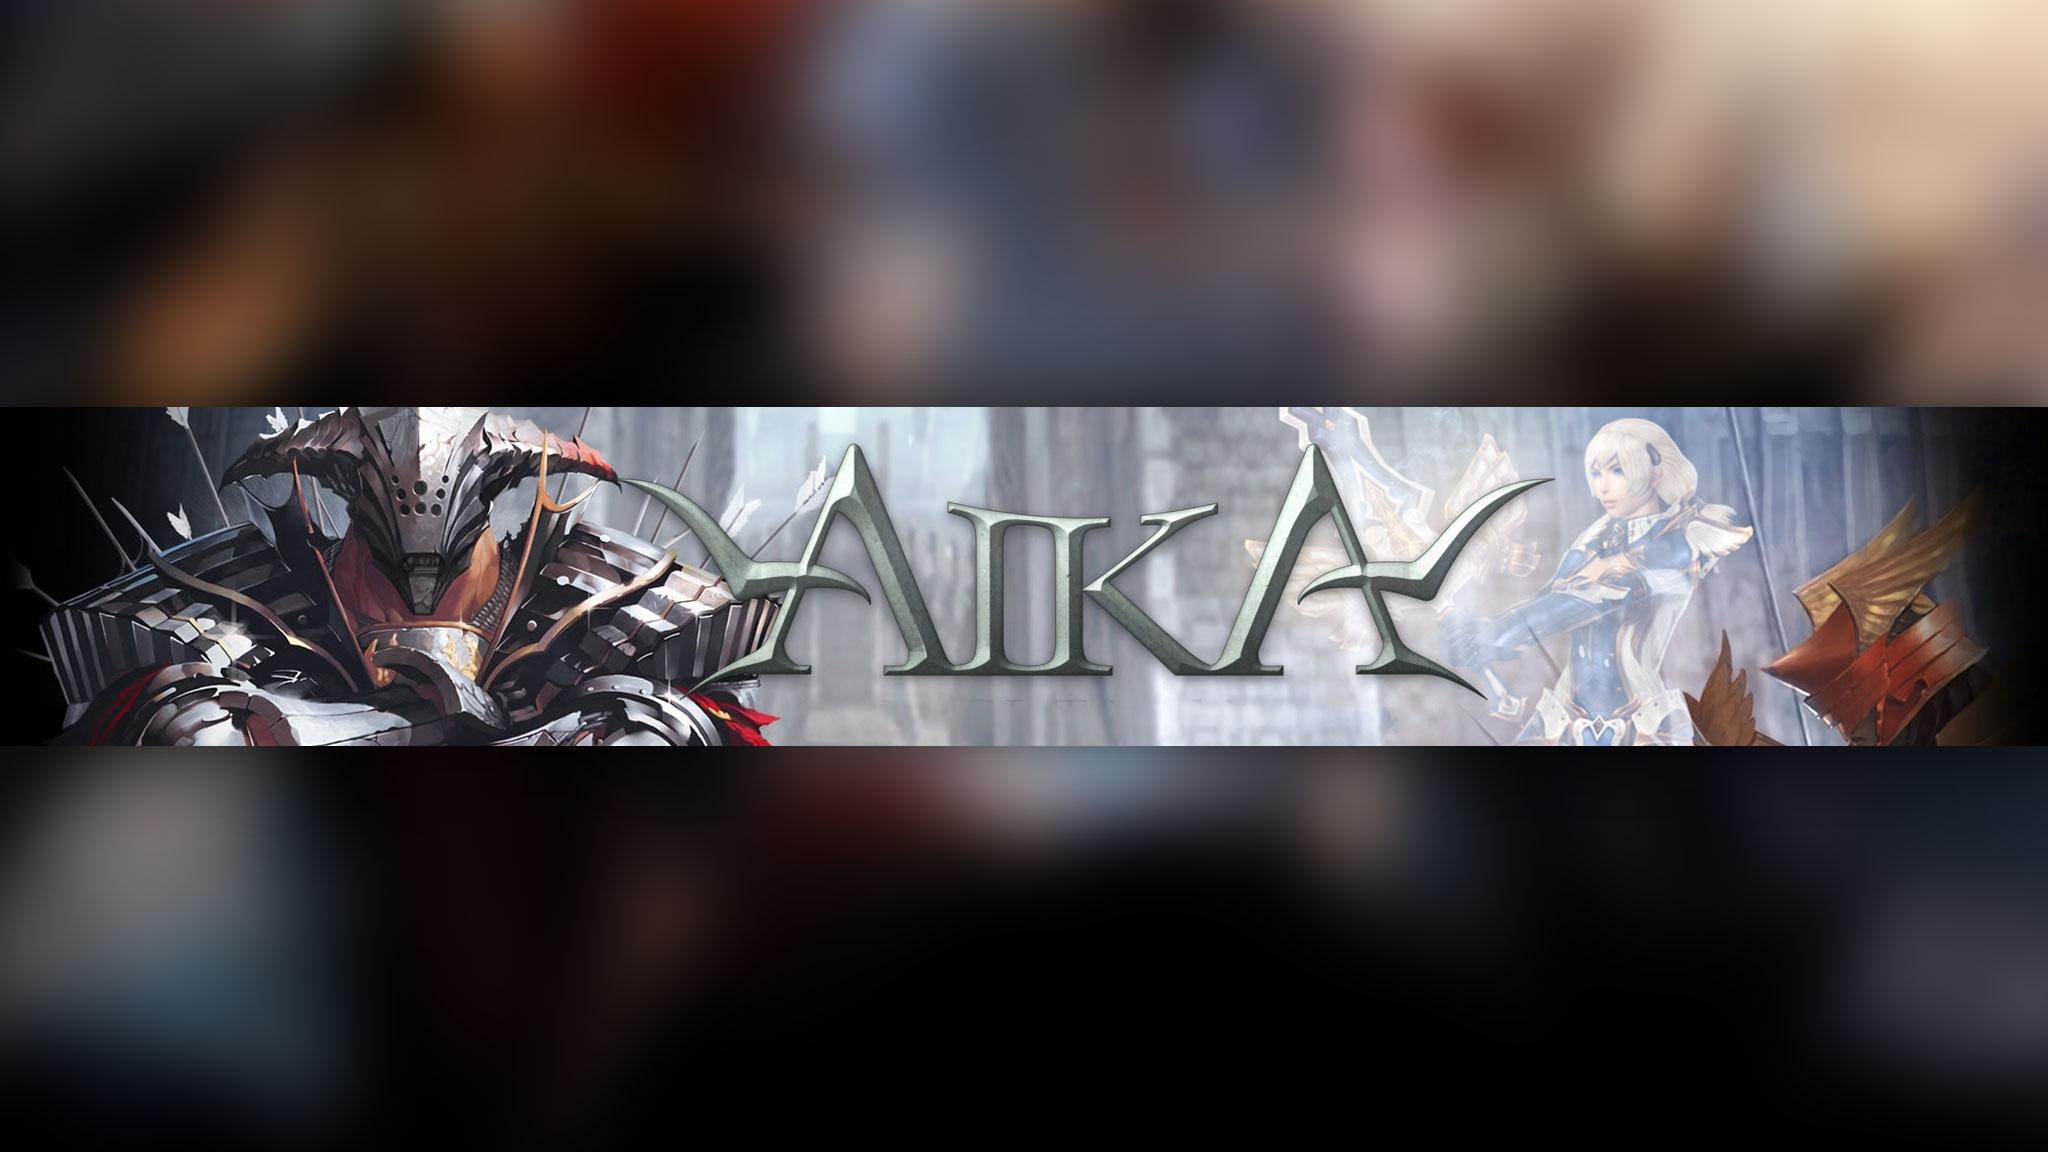 Обложка для ютуб канала с надписью AIKA с фантастическими персонажами игры.